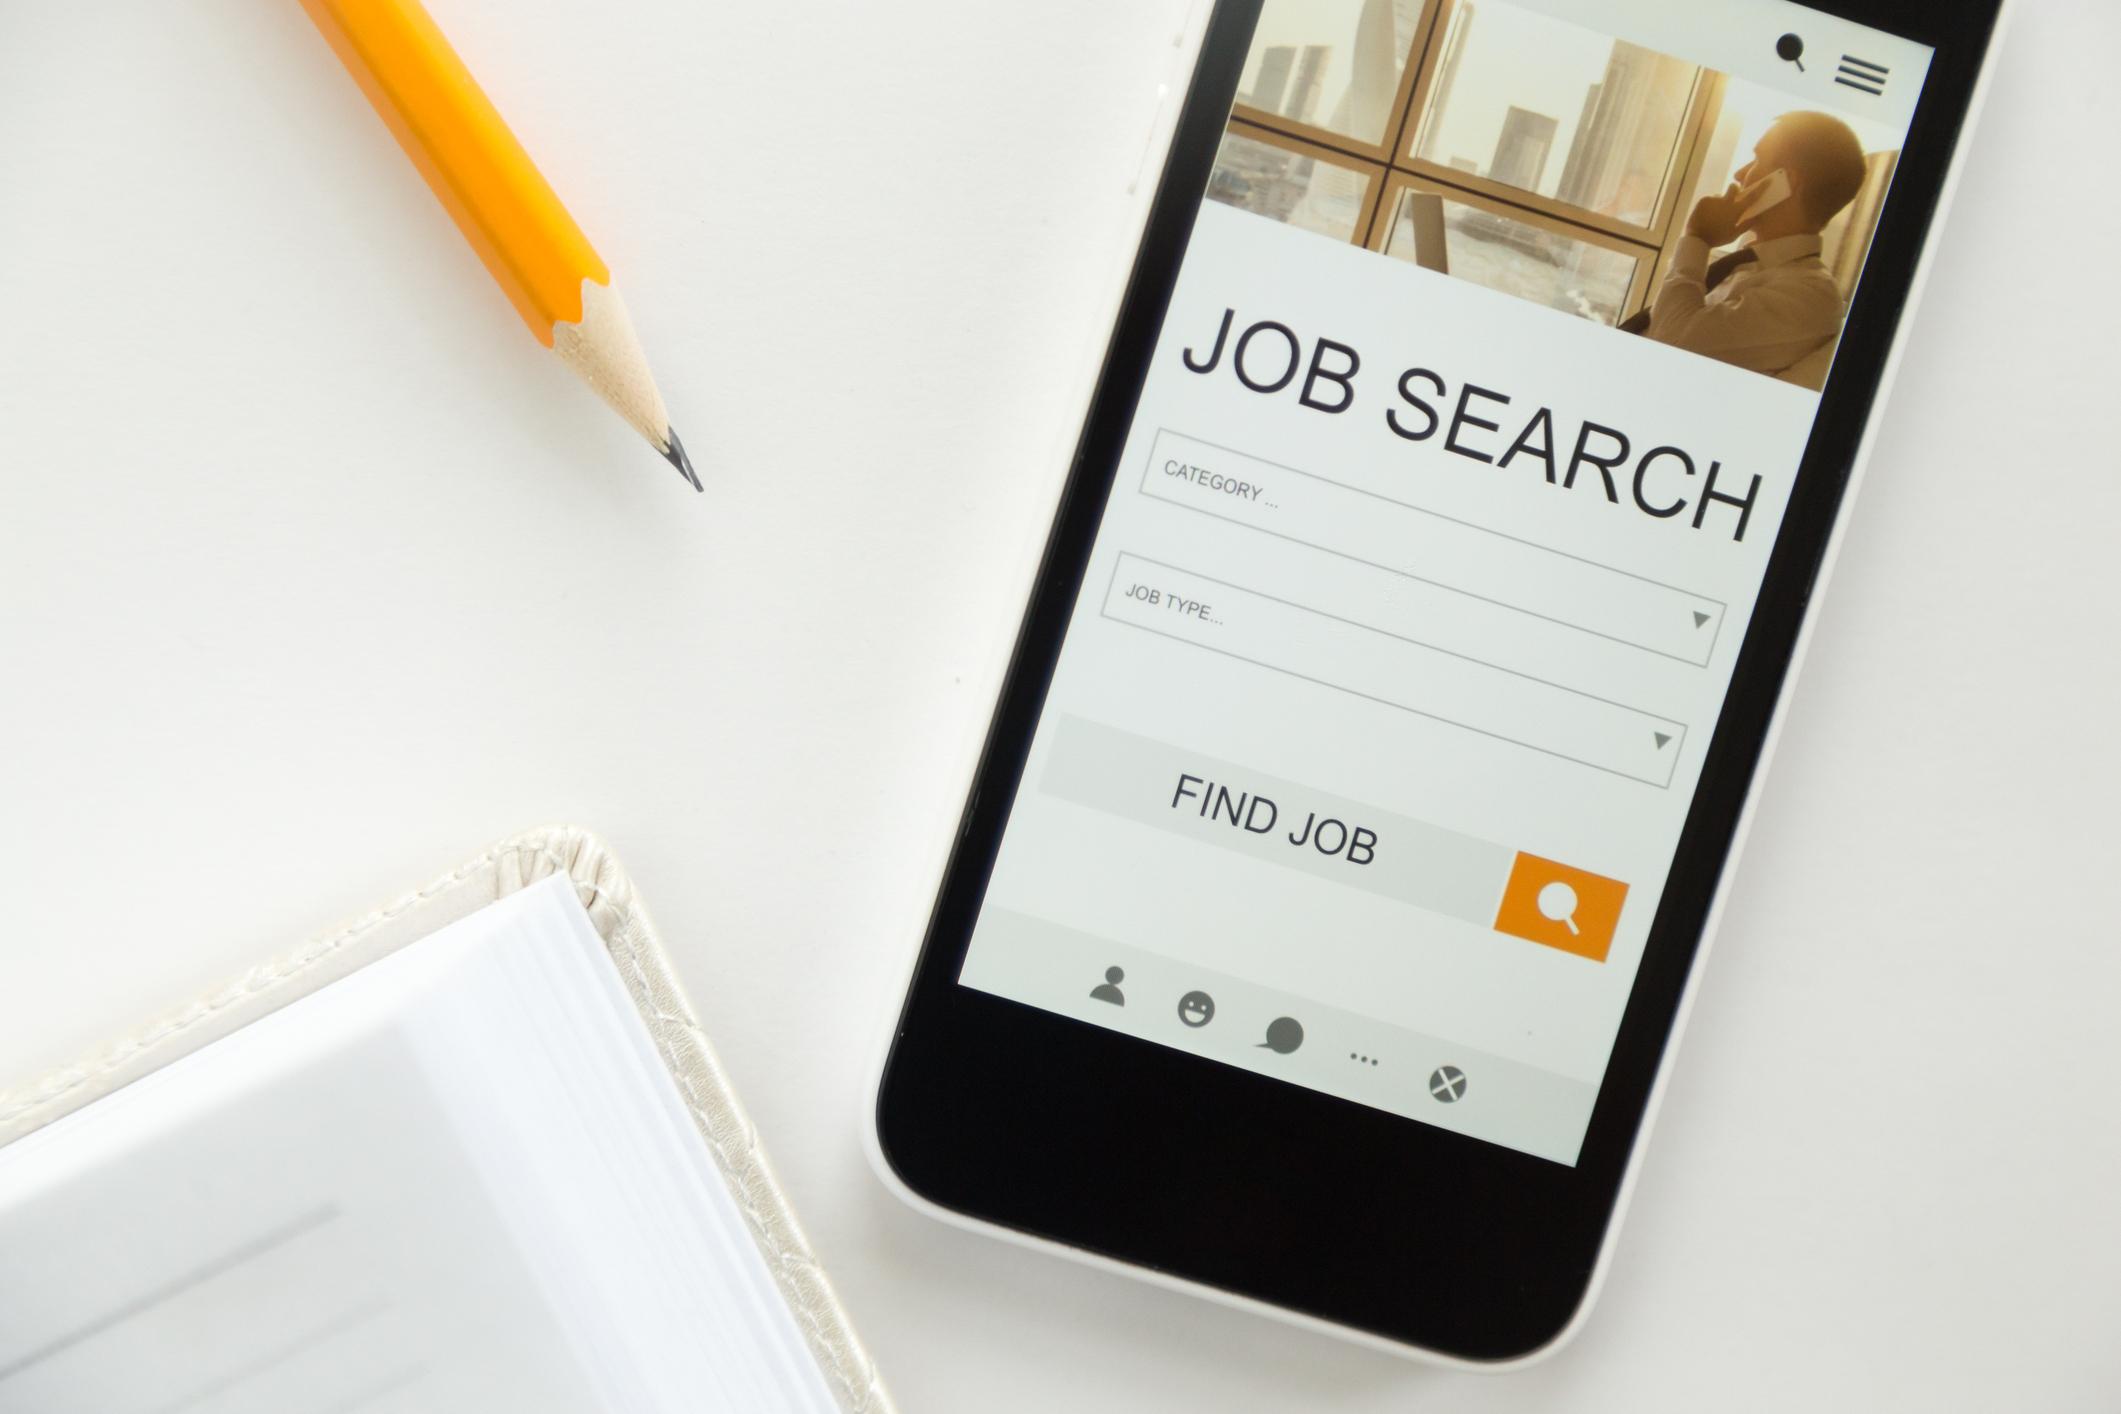 株式会社信輝のJobSearch